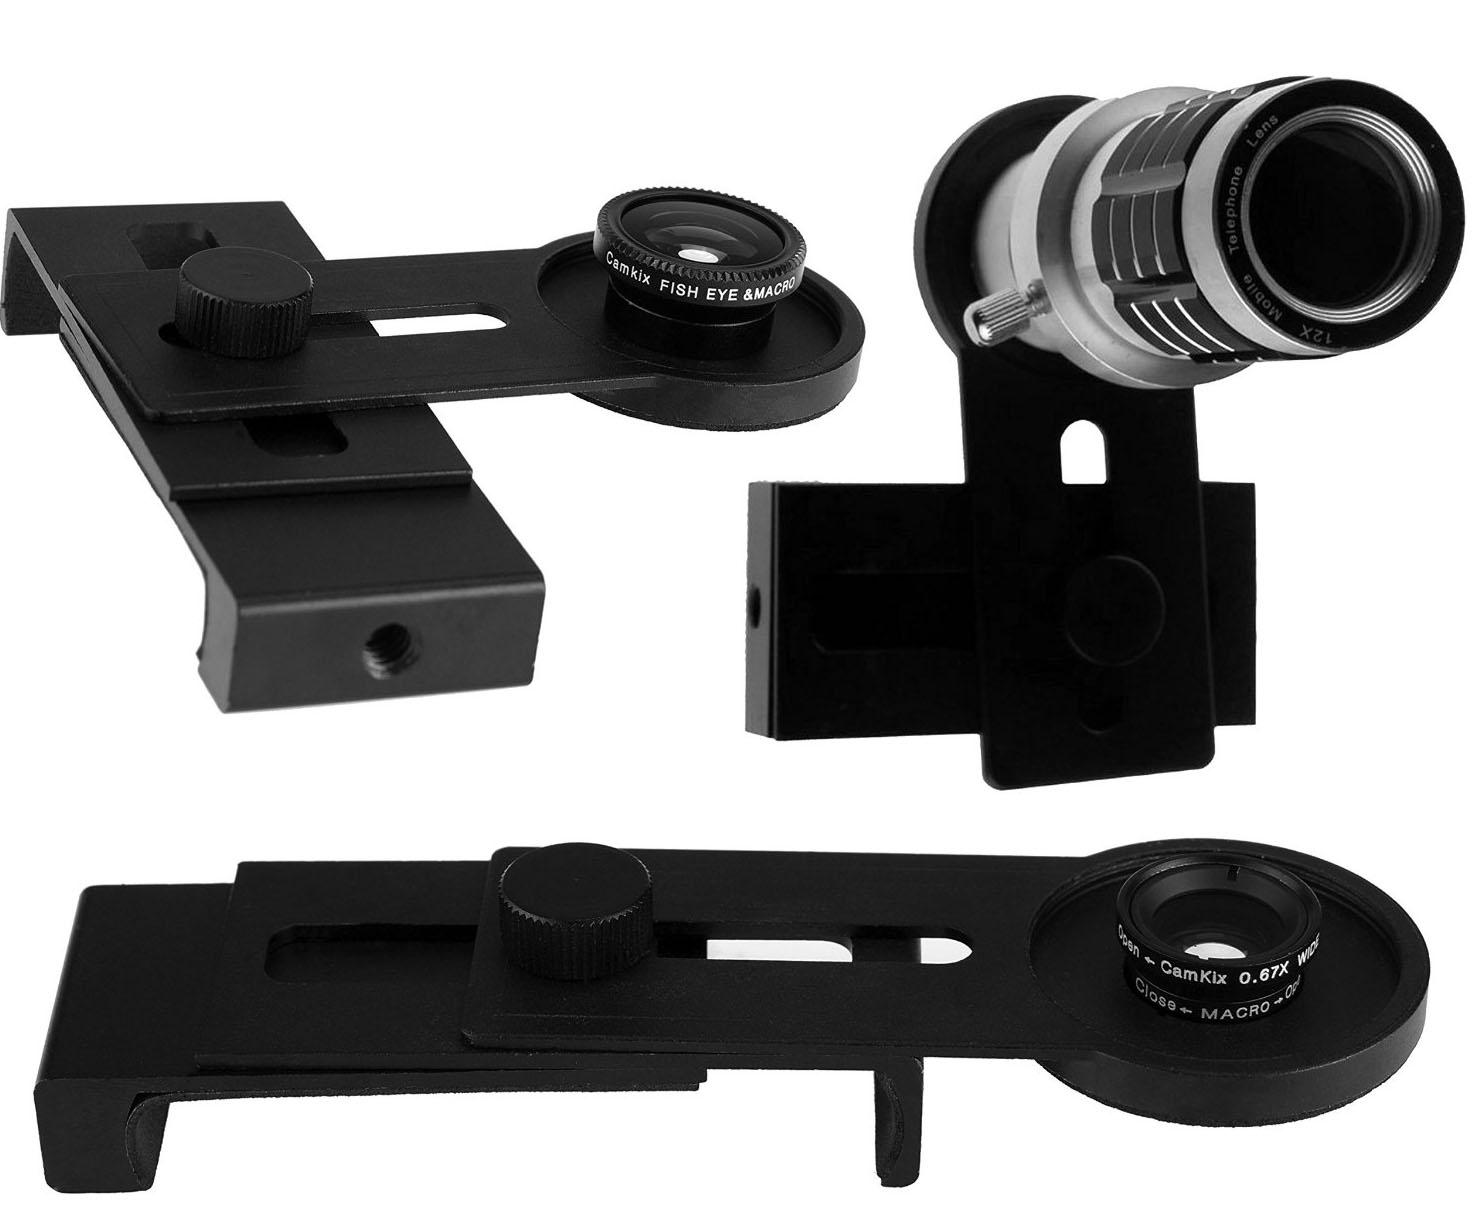 Lens & Phone Holder